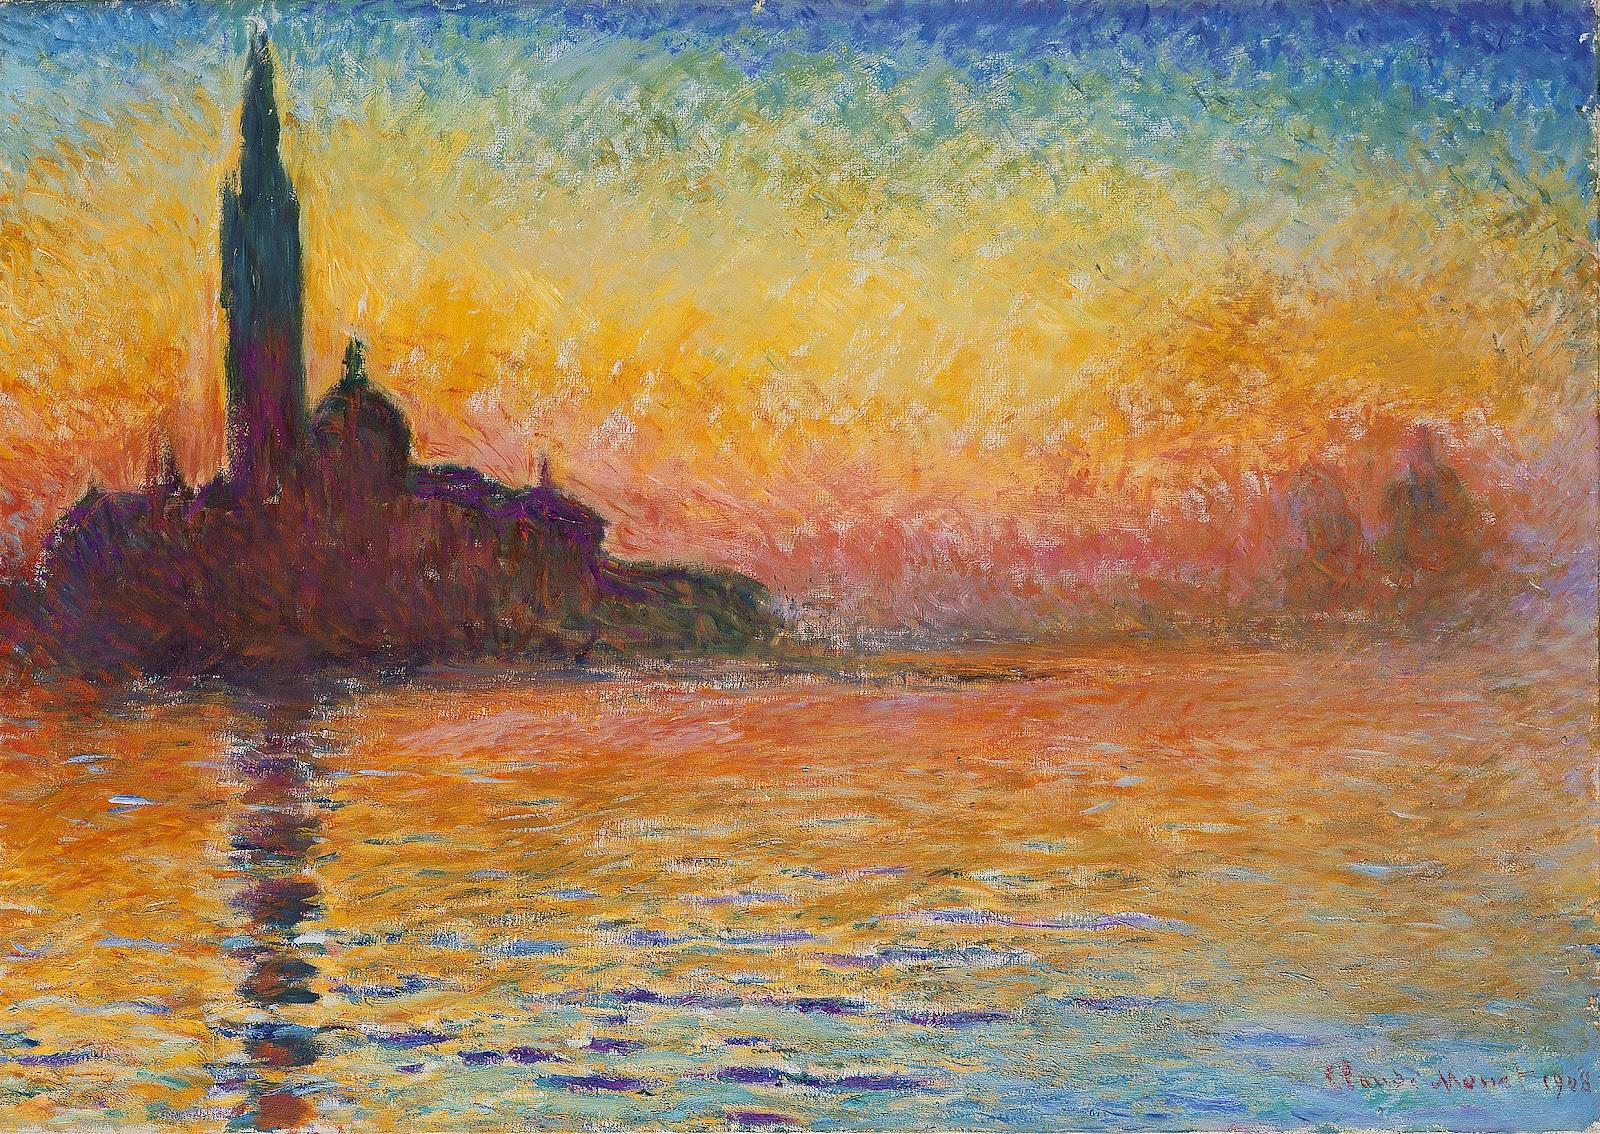 Claude_Monet,_Saint-Georges_majeur_au_crépuscule.jpg